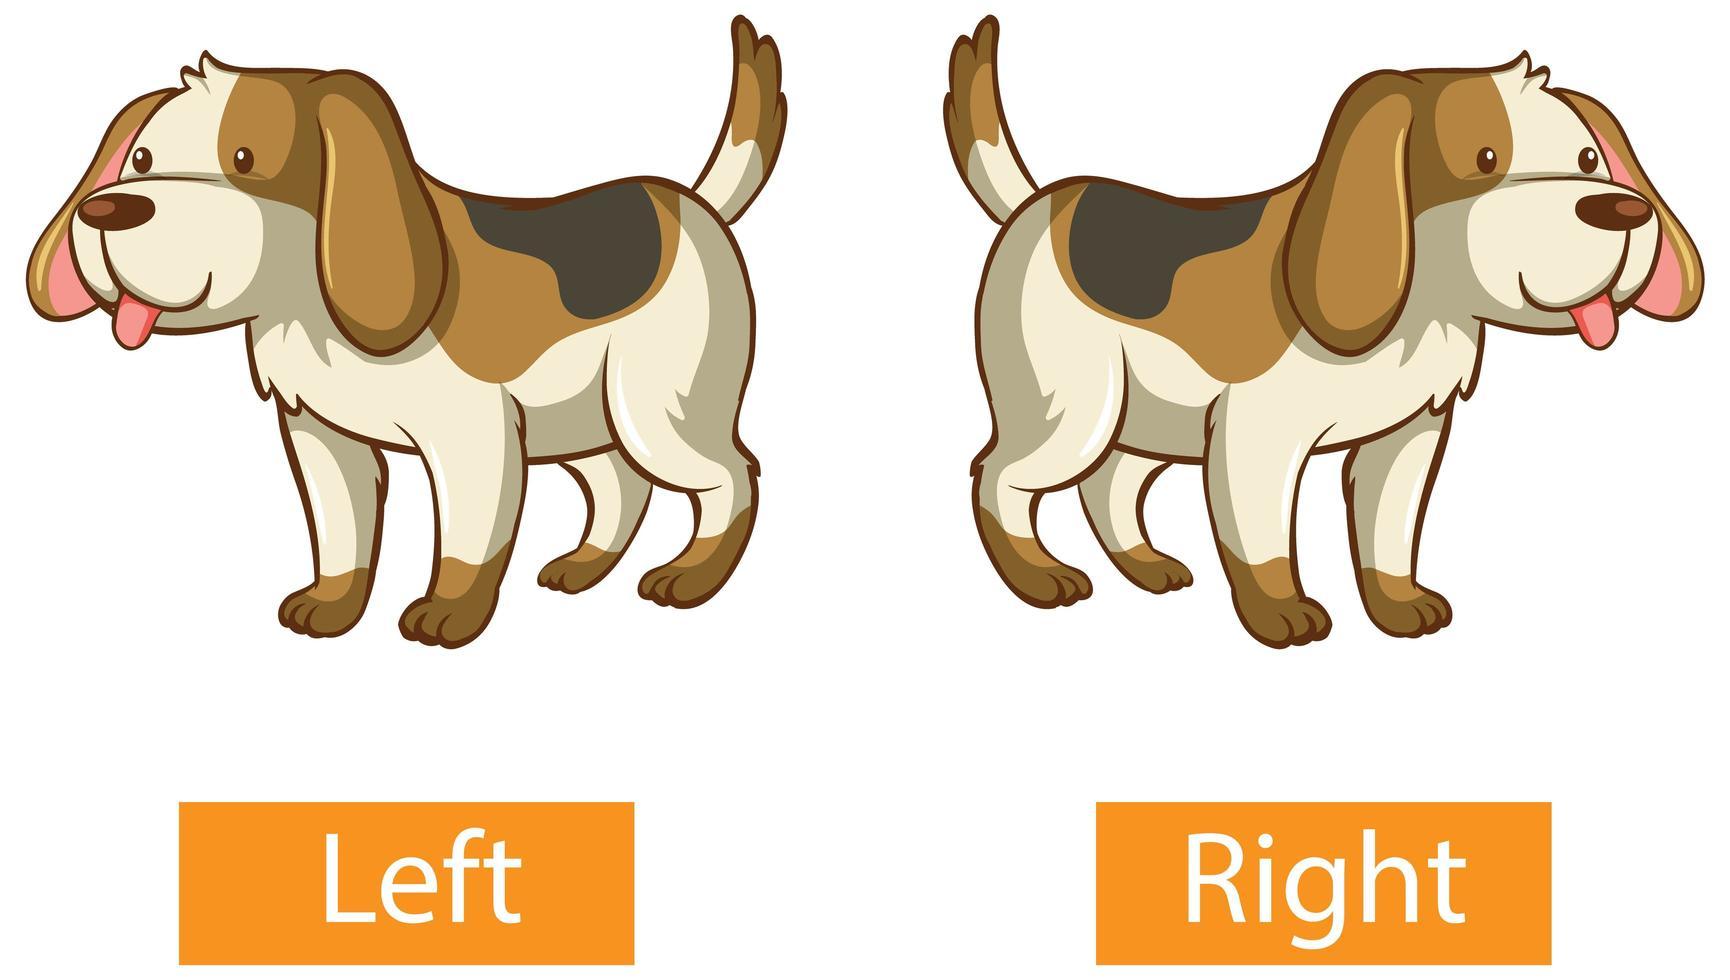 motsatta ord med vänster och höger vektor